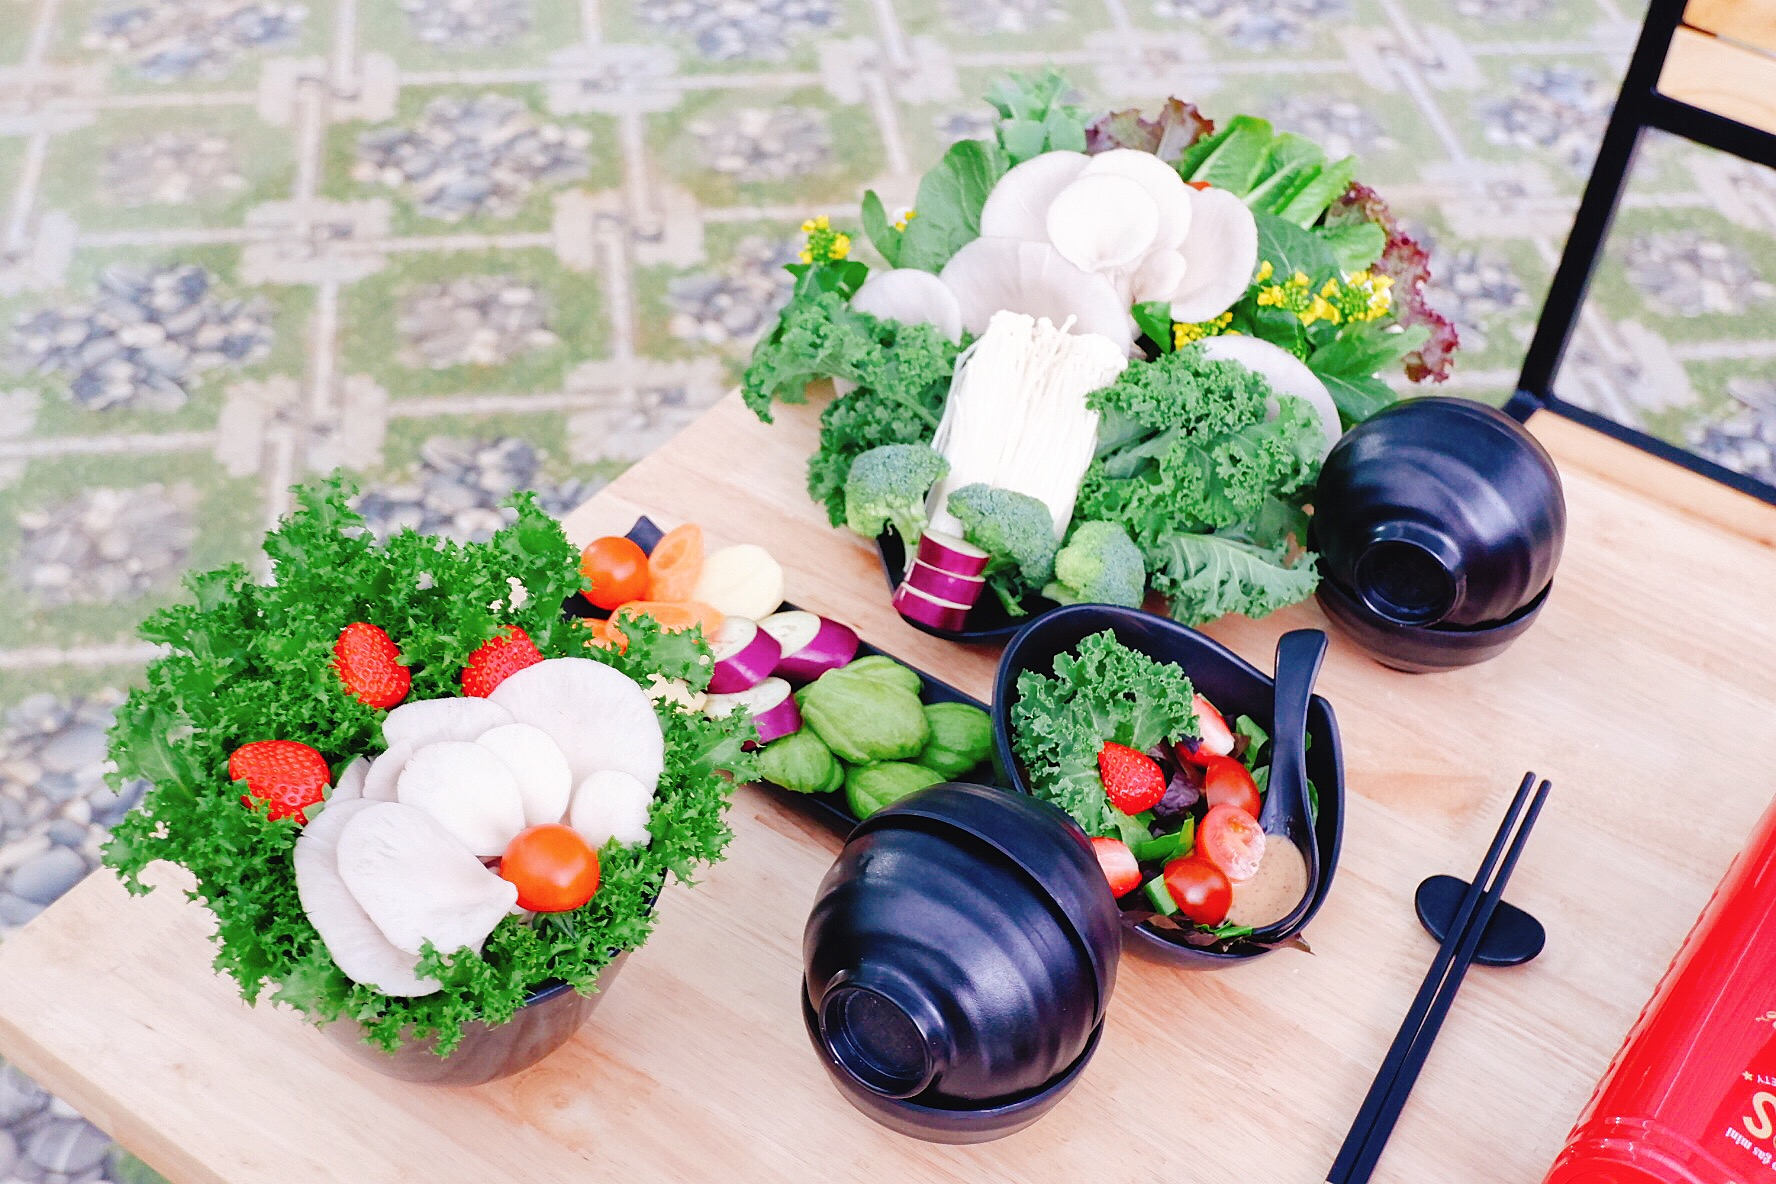 Chimi Farm tưng bừng khai trương nhà hàng buffet lẩu, nướng